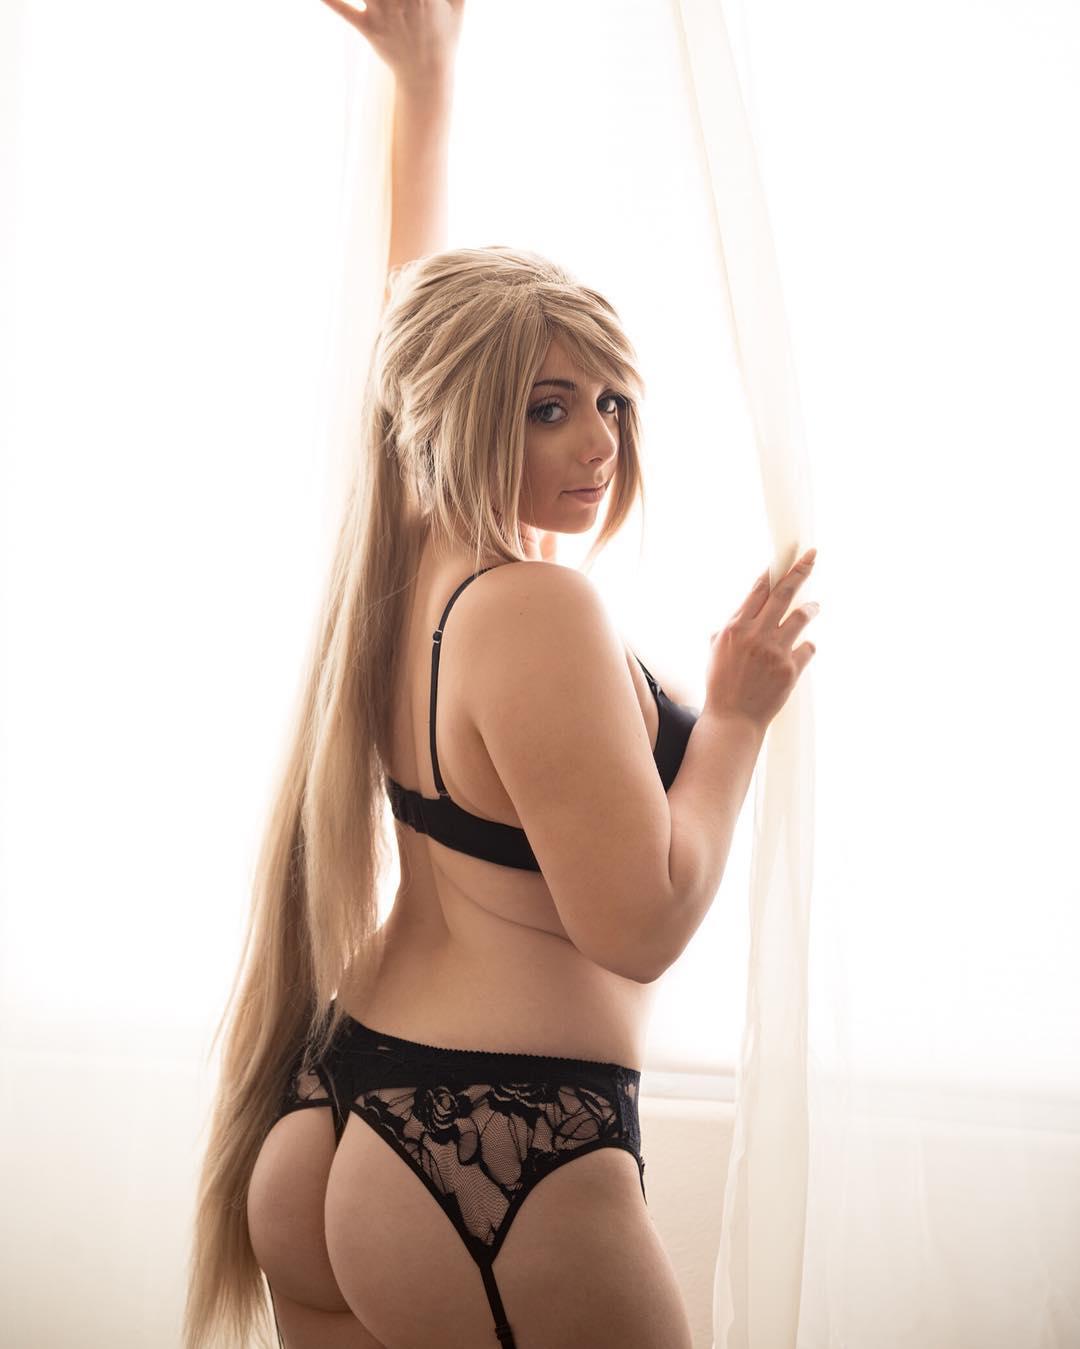 porn star brooke west pics